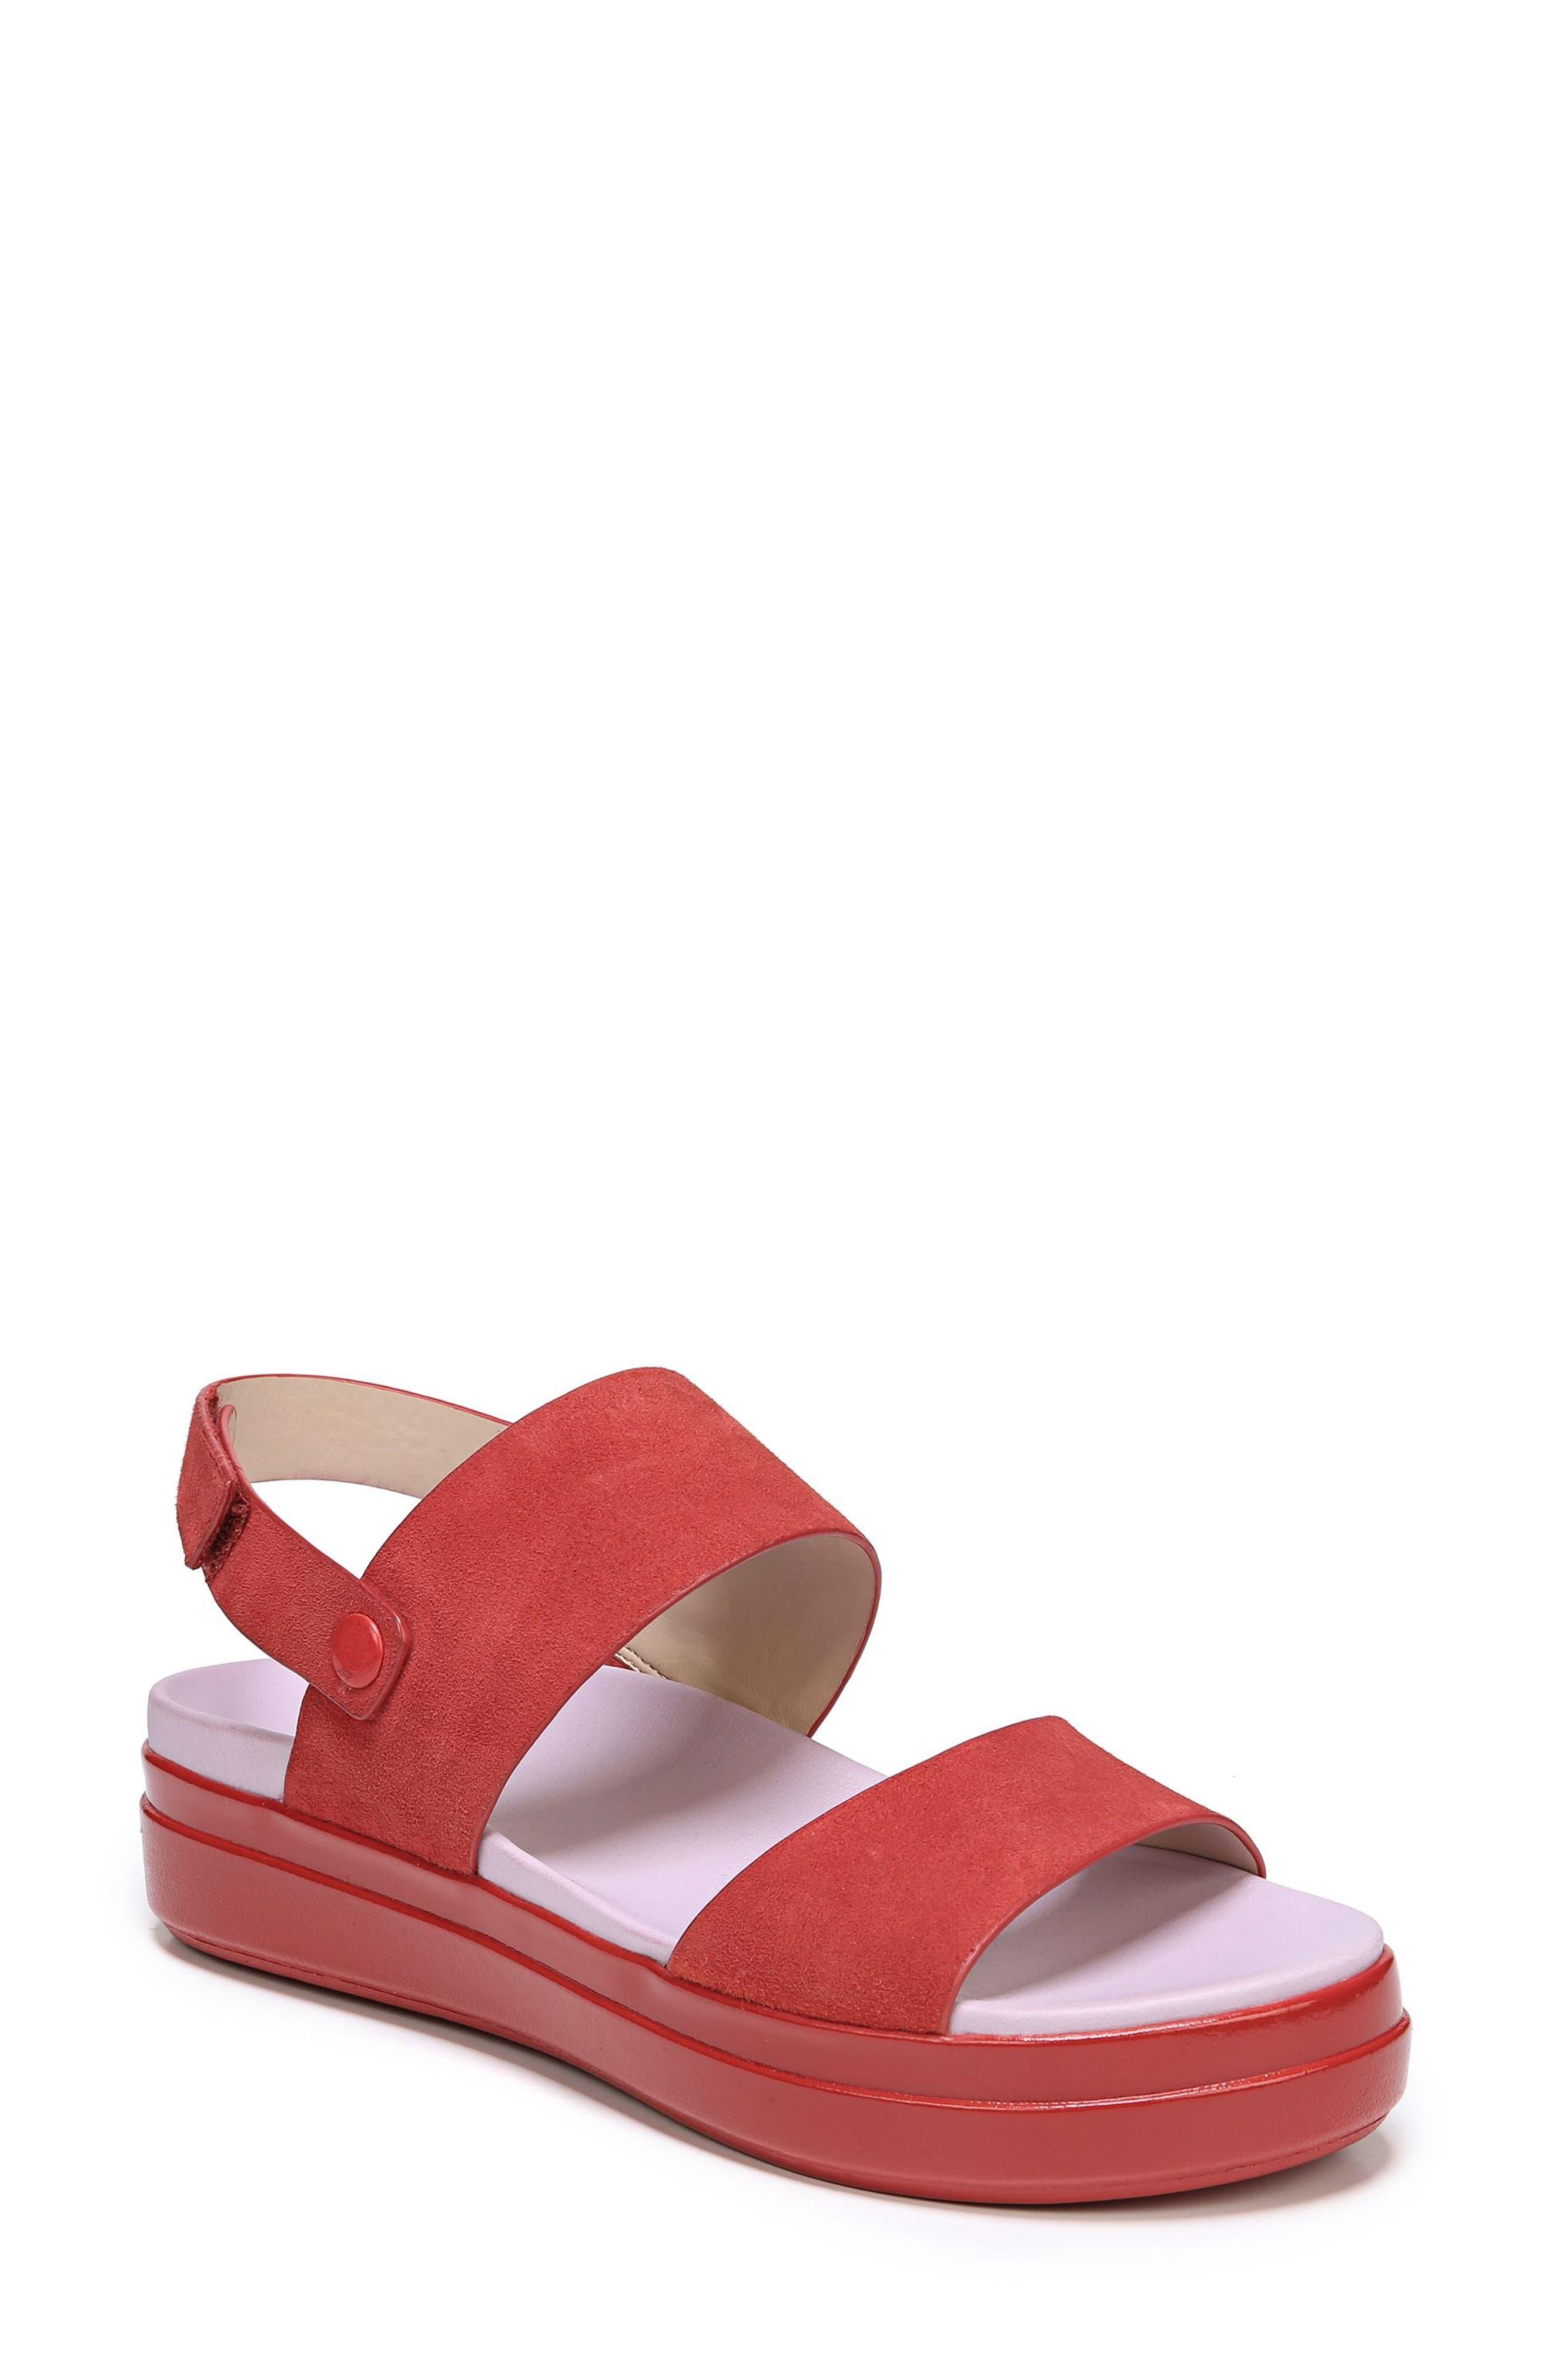 Scout Platform Sandal,                         Main,                         color, Paprika Suede